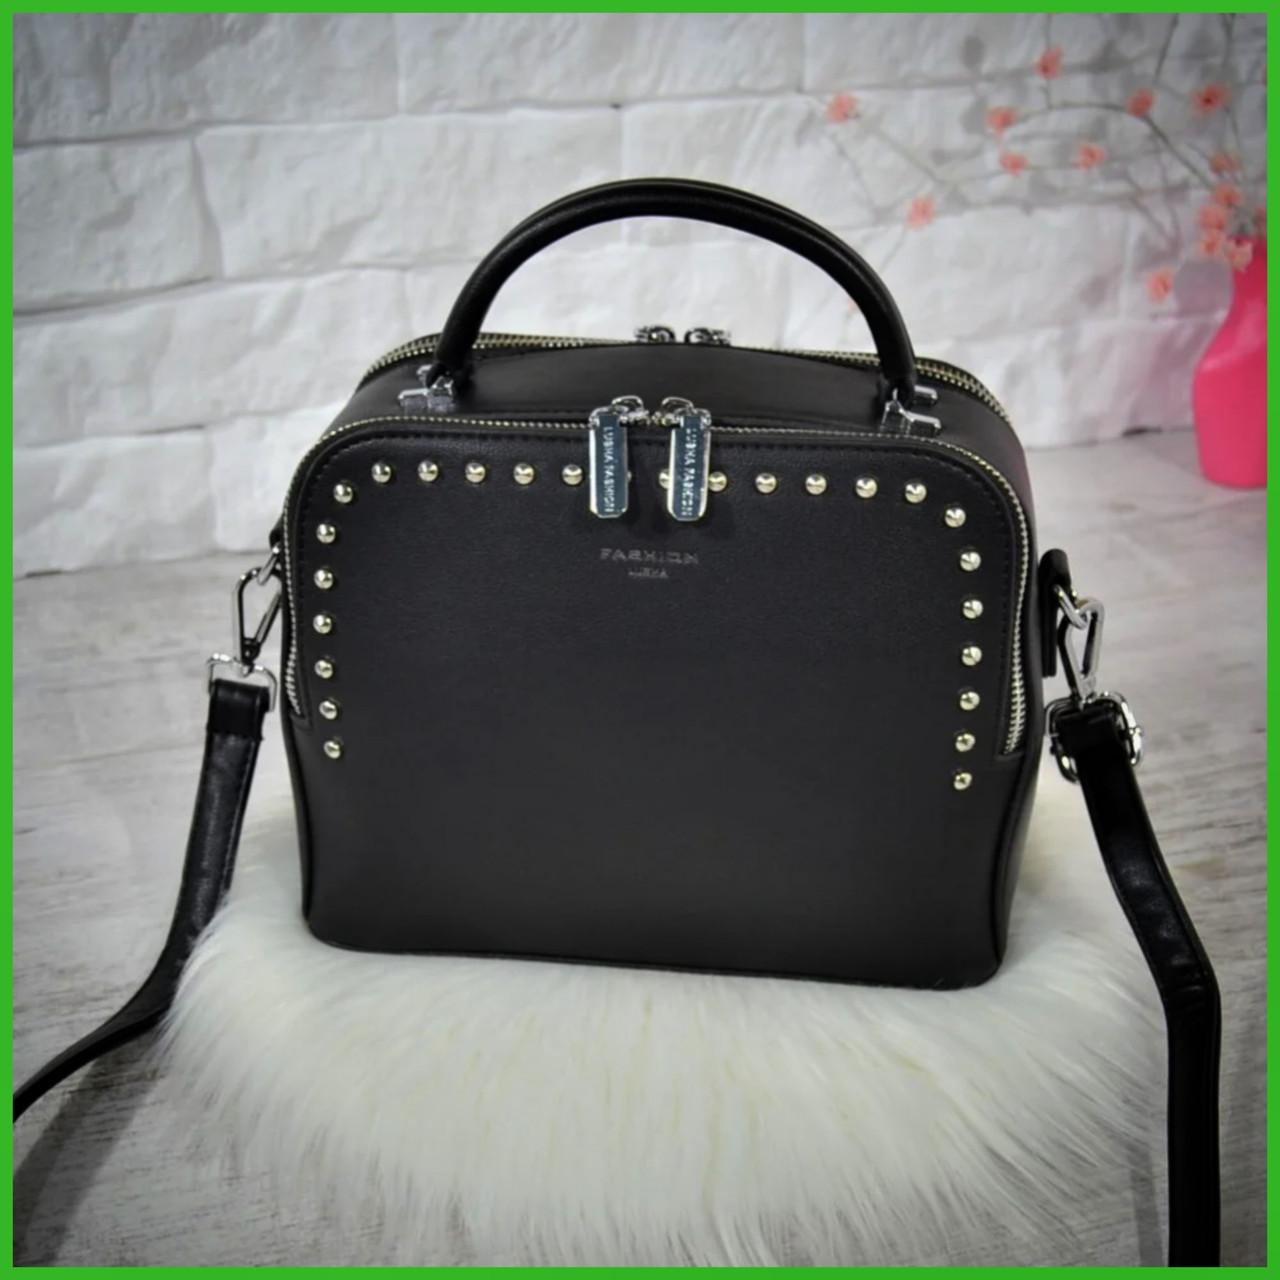 Компактная женская сумка Fashion Lusha на две молнии с заклепками .Черная